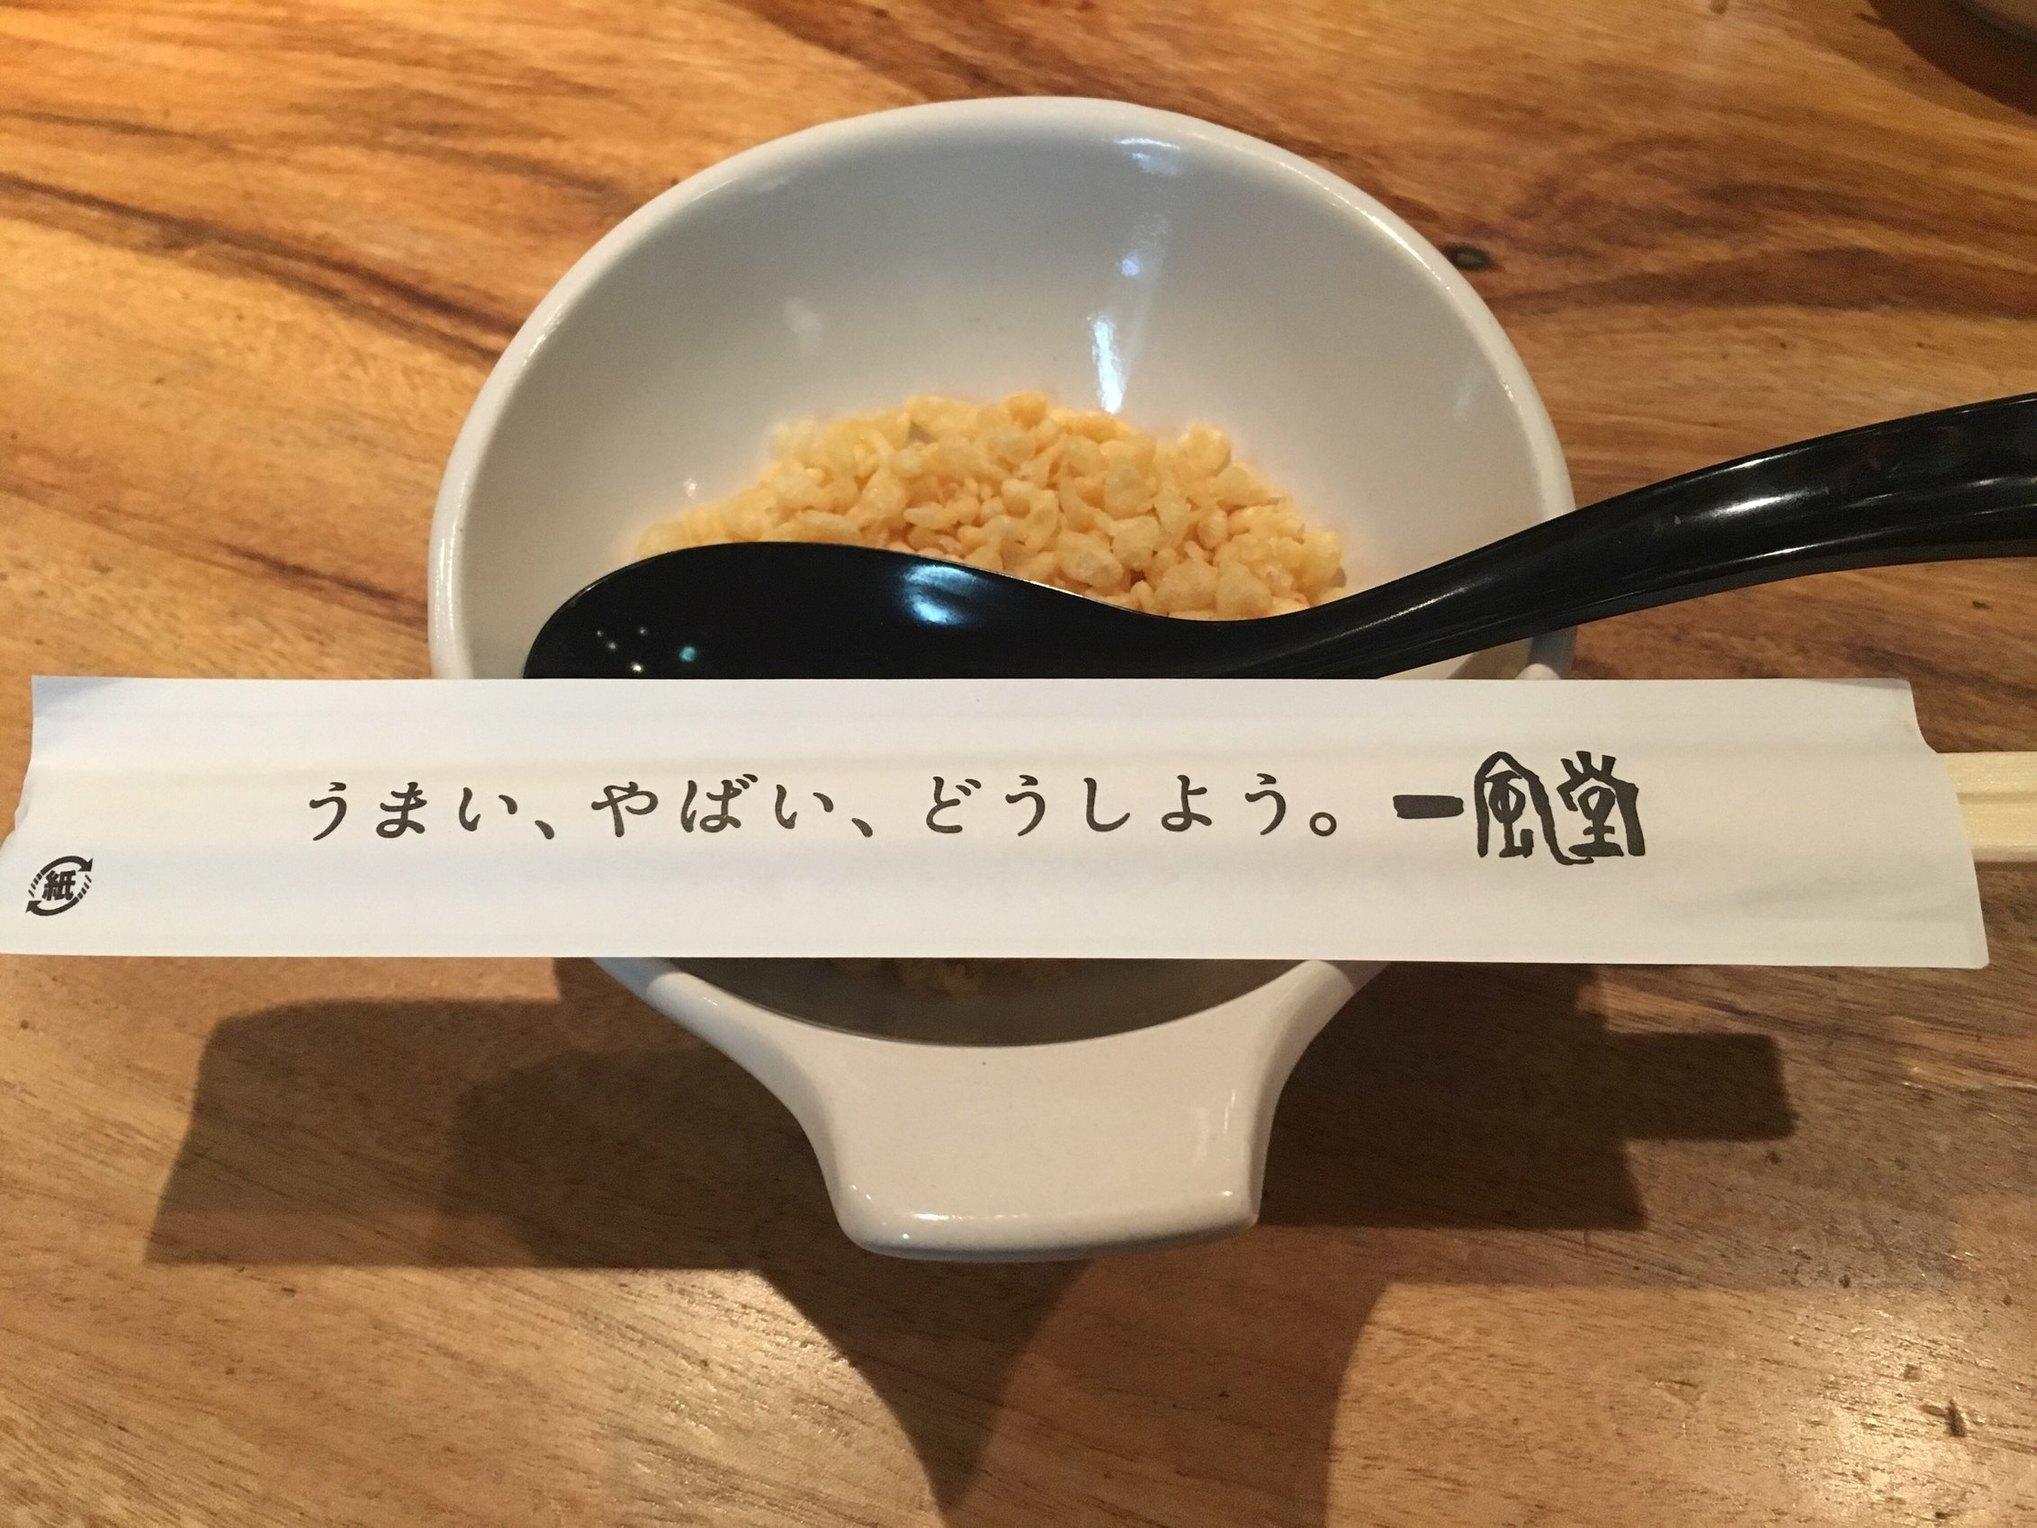 一風堂 松本店 name=